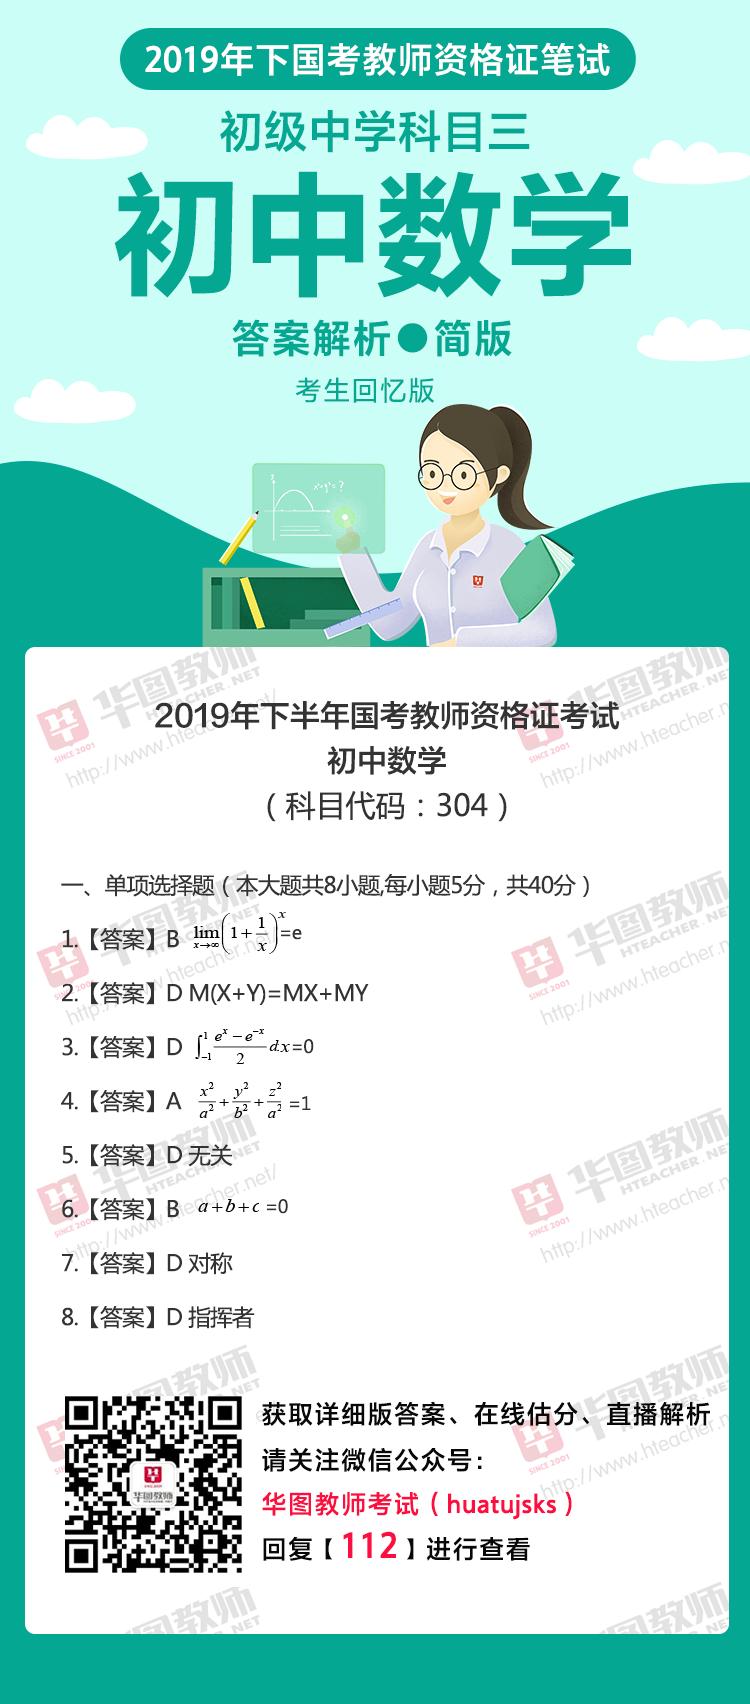 2020年下半年教师资格证考试科目图片